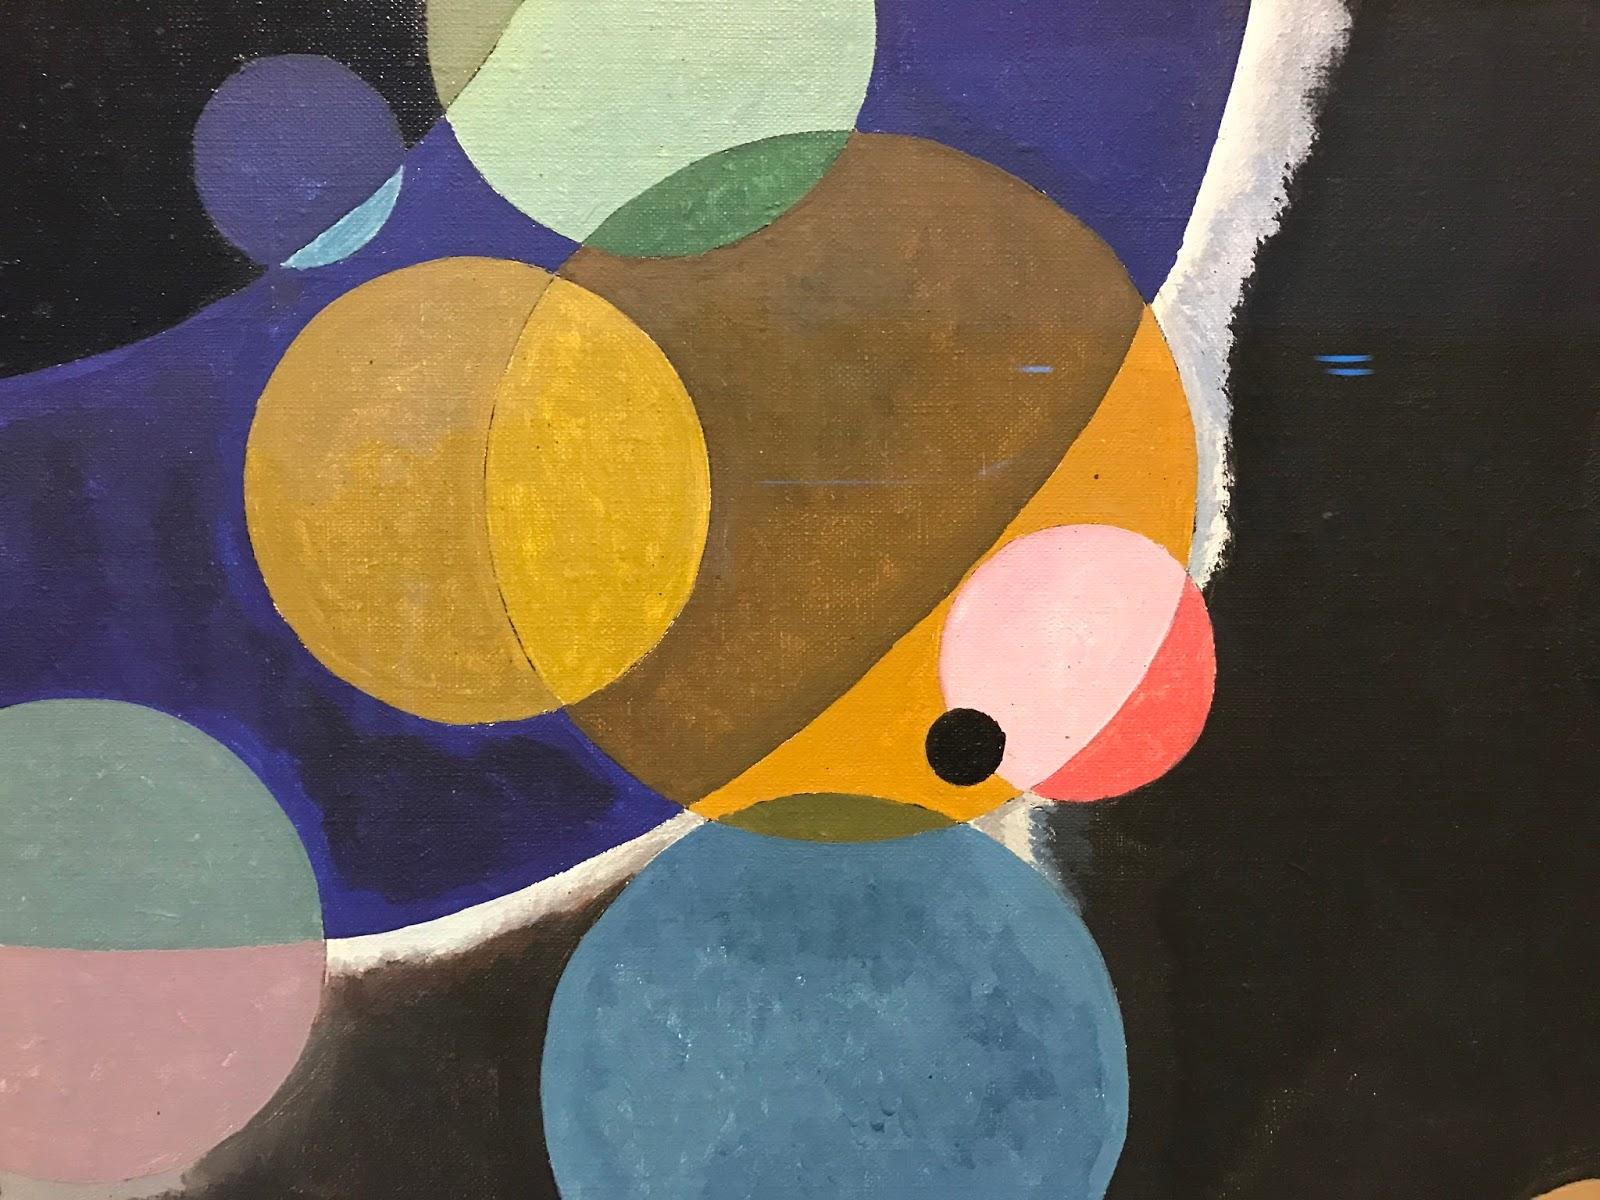 kandinsky paintings guggenheim - HD1600×1200